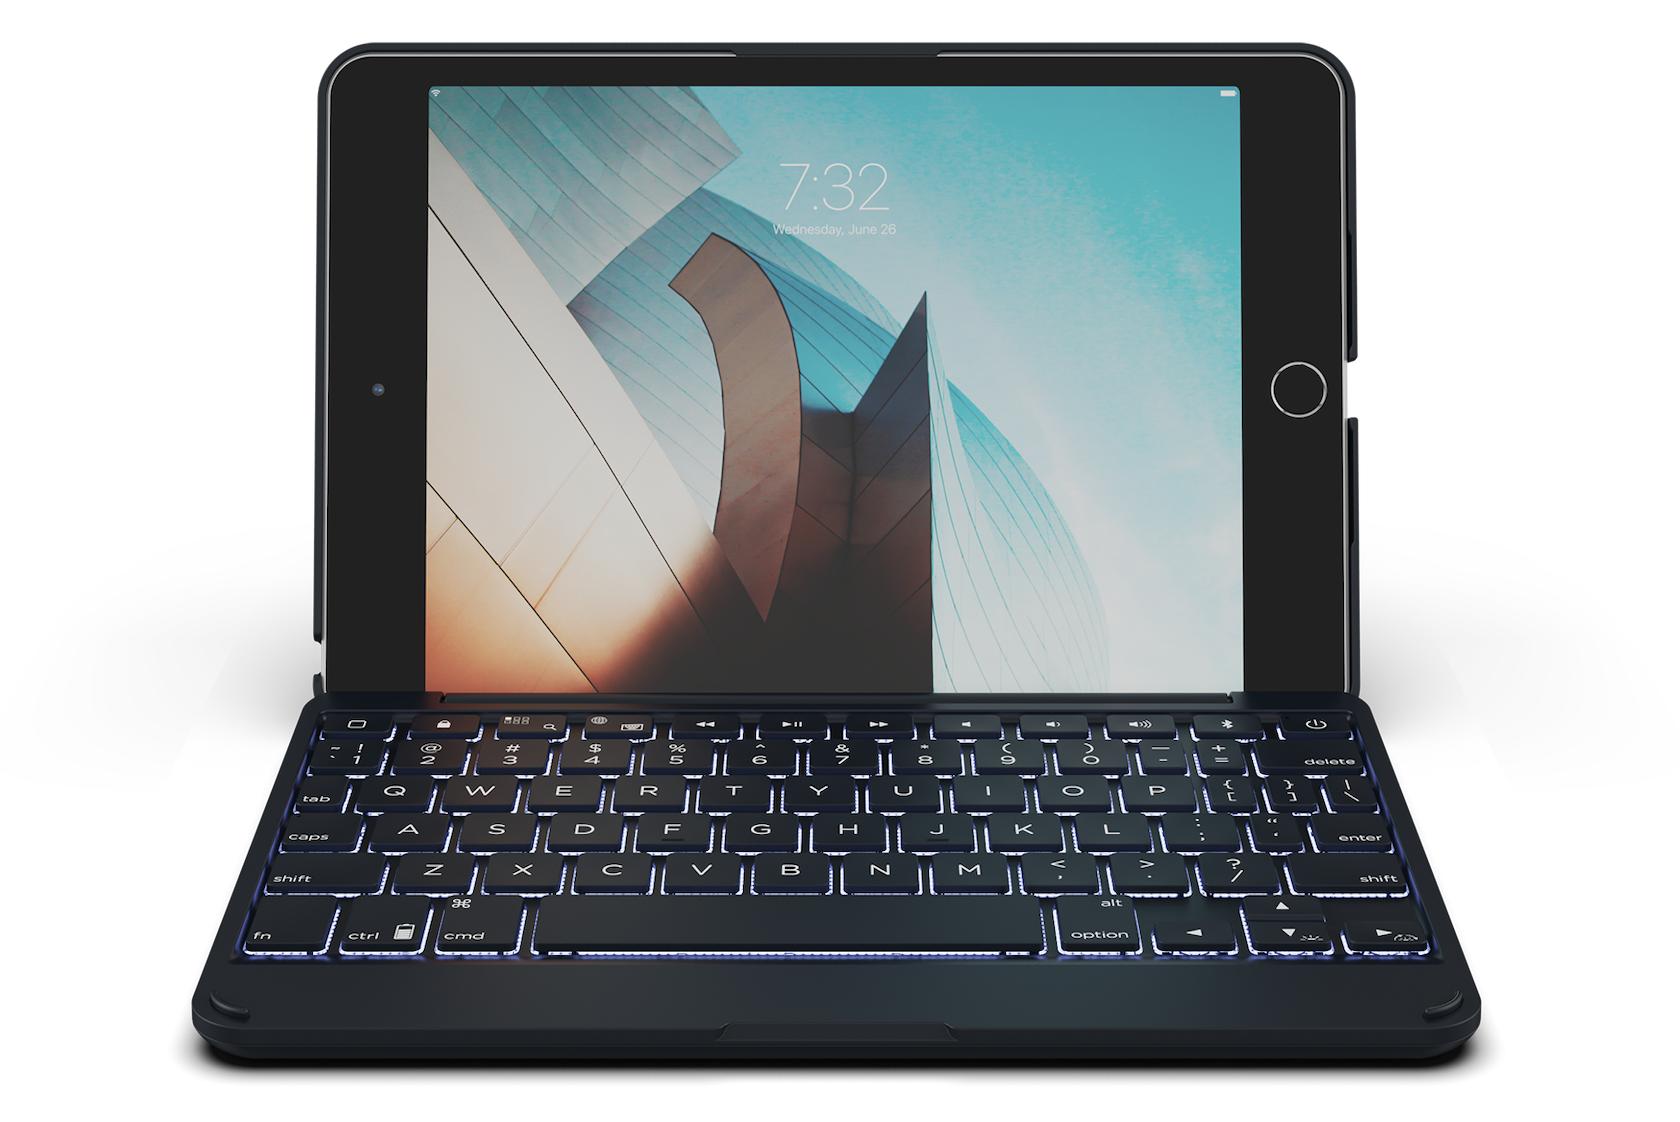 Lyst å bruke iPad mini 5 til arbeid? Lover opp til 2 år